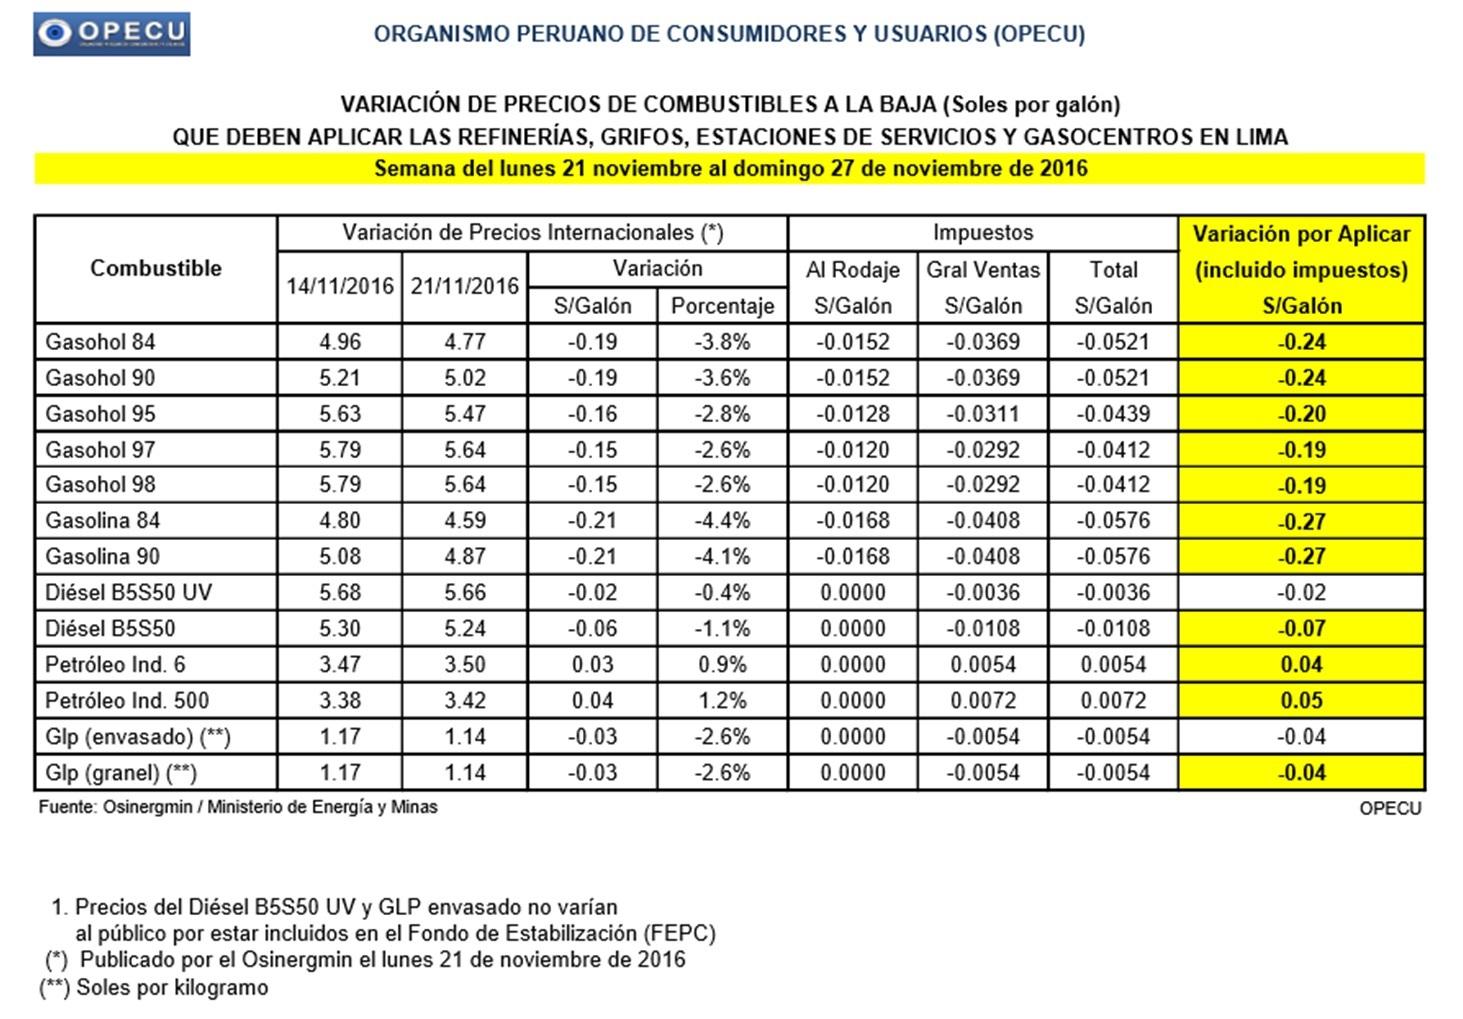 Opecu alerta de nueva baja internacional de combustibles de hasta 4.38%